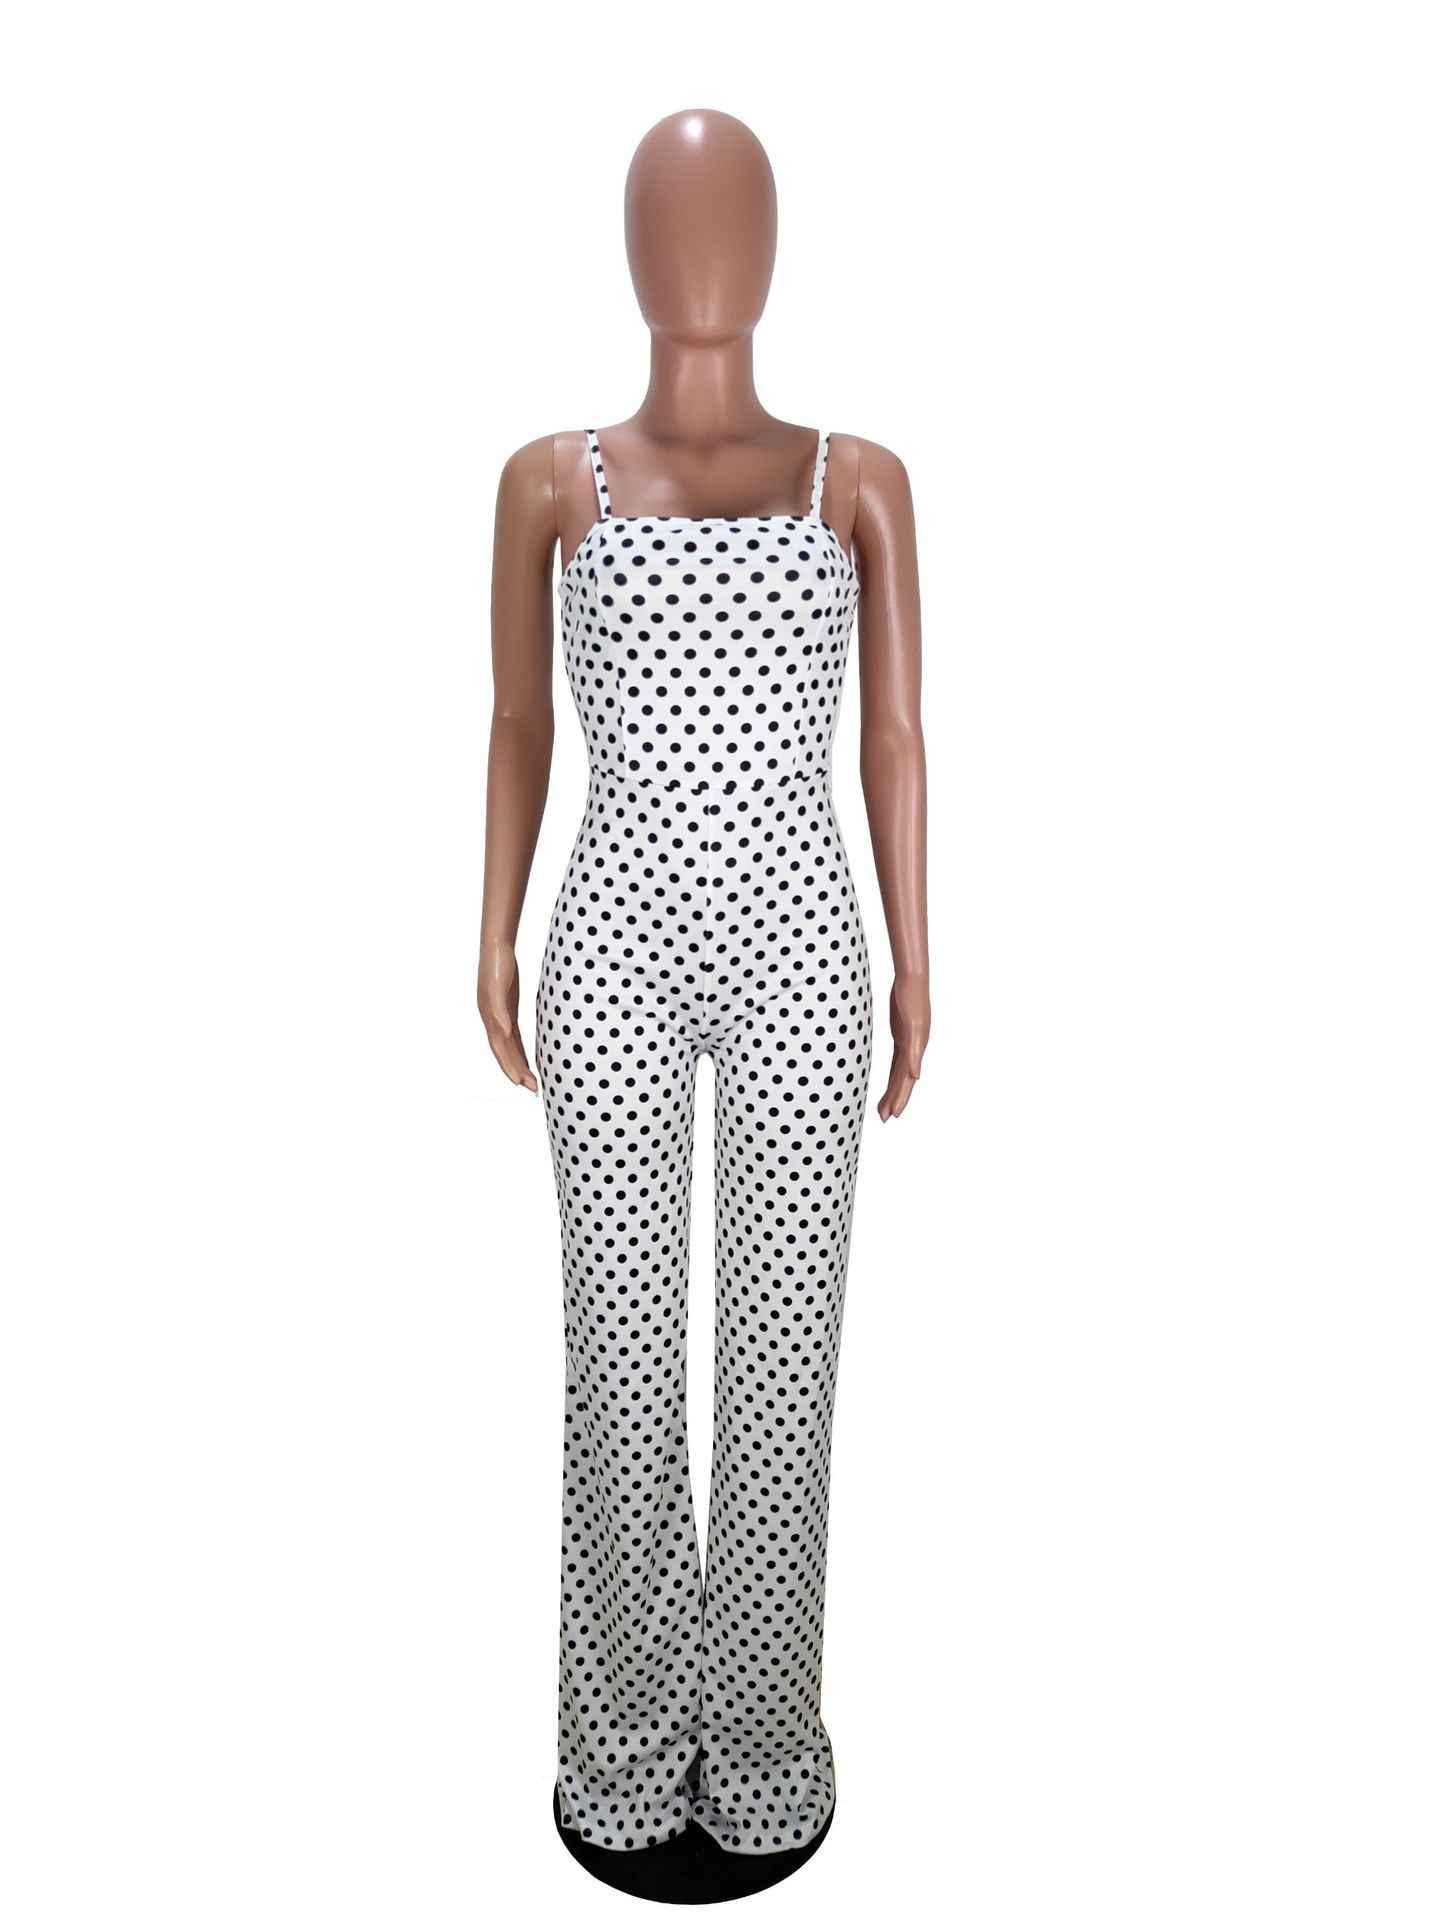 Moda polka dot cinta de espaguete sem costas rendas até macacão feminino sem alças playsuits sem alças perna larga pantsouterwear